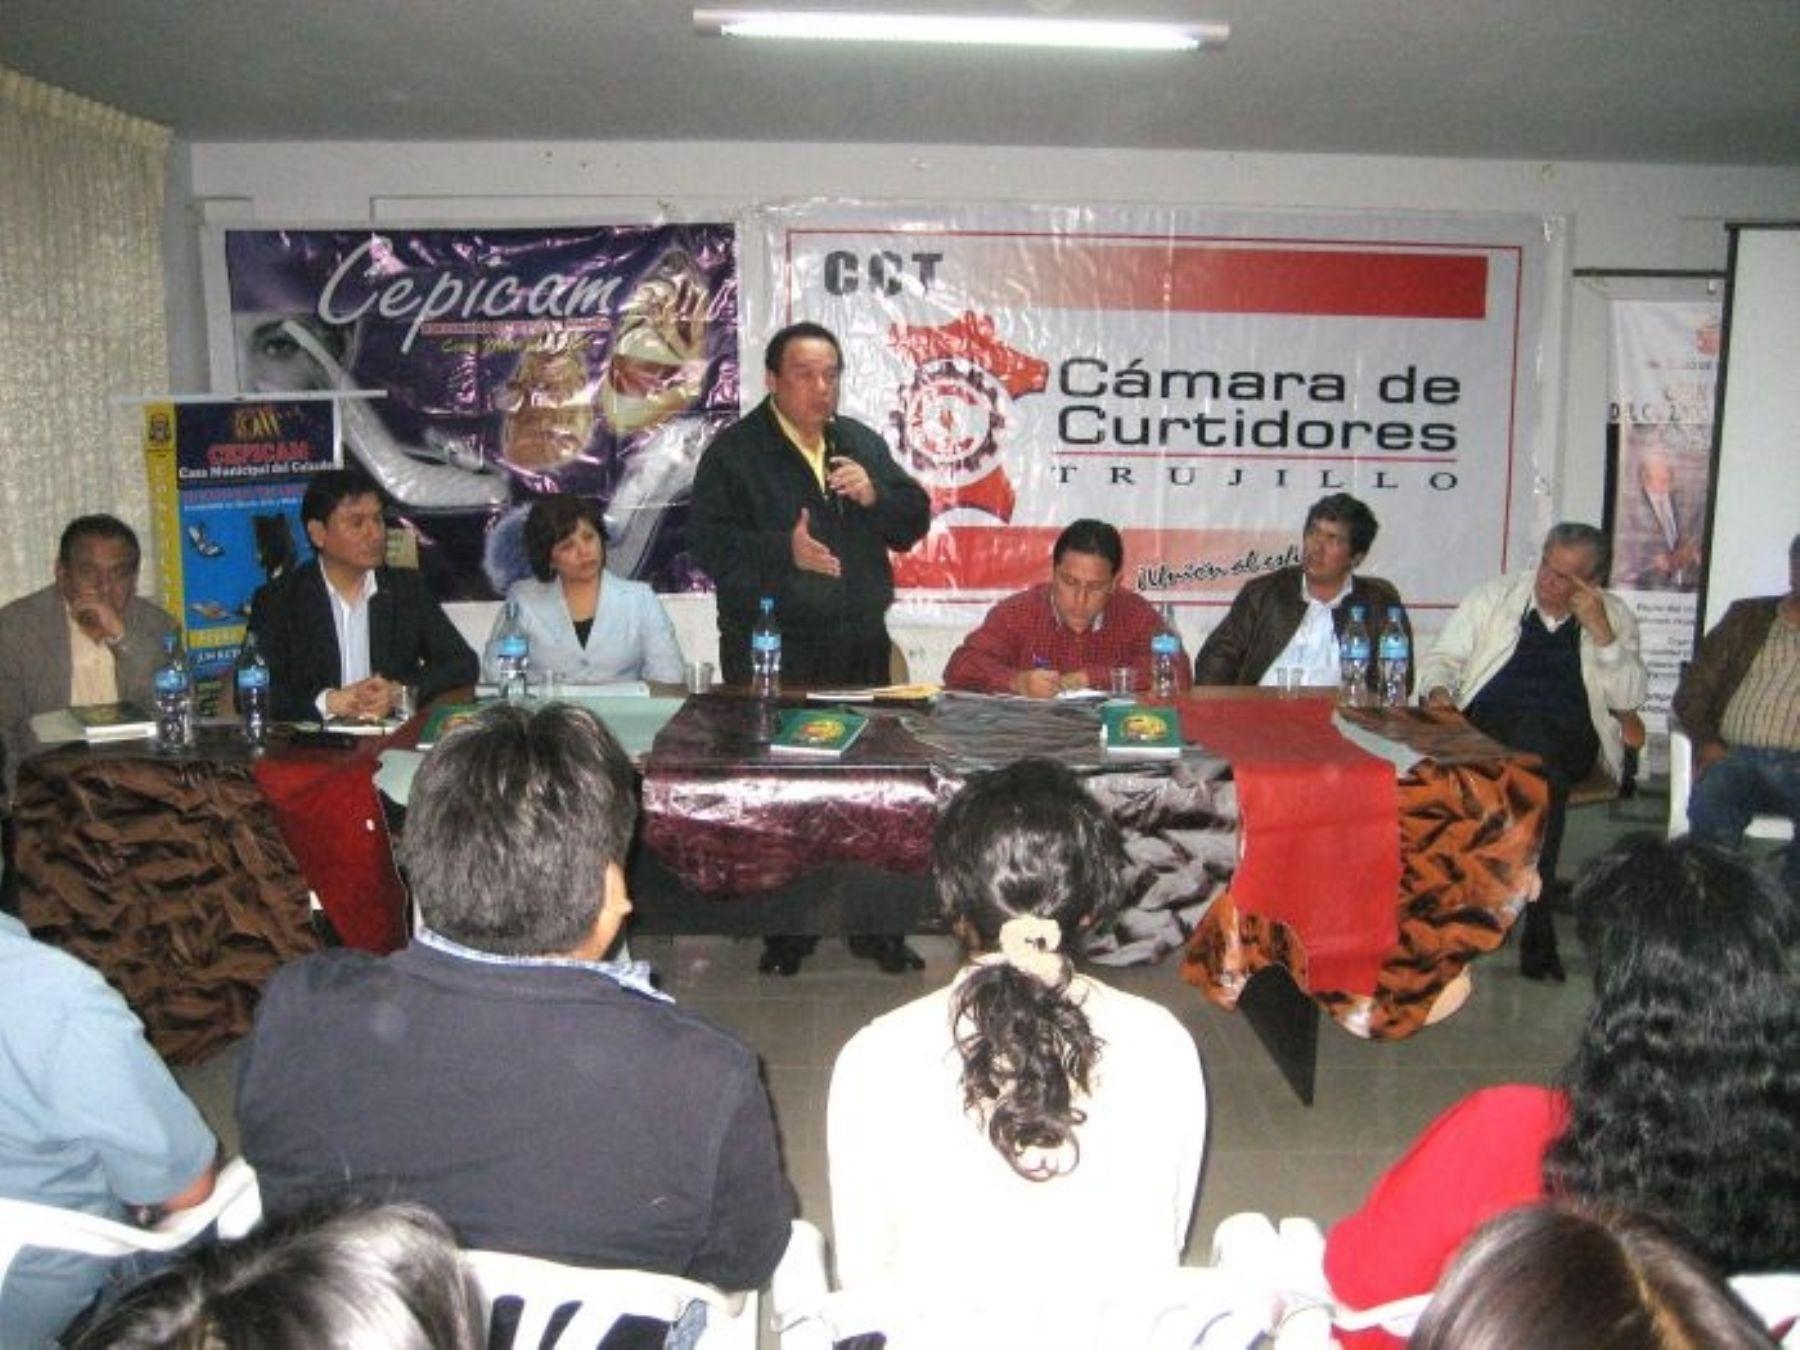 Presidente del Congreso, Luis Alva Castro, anuncia presentación de un proyecto de ley para crear el parque industrial de El Porvenir en Trujillo.